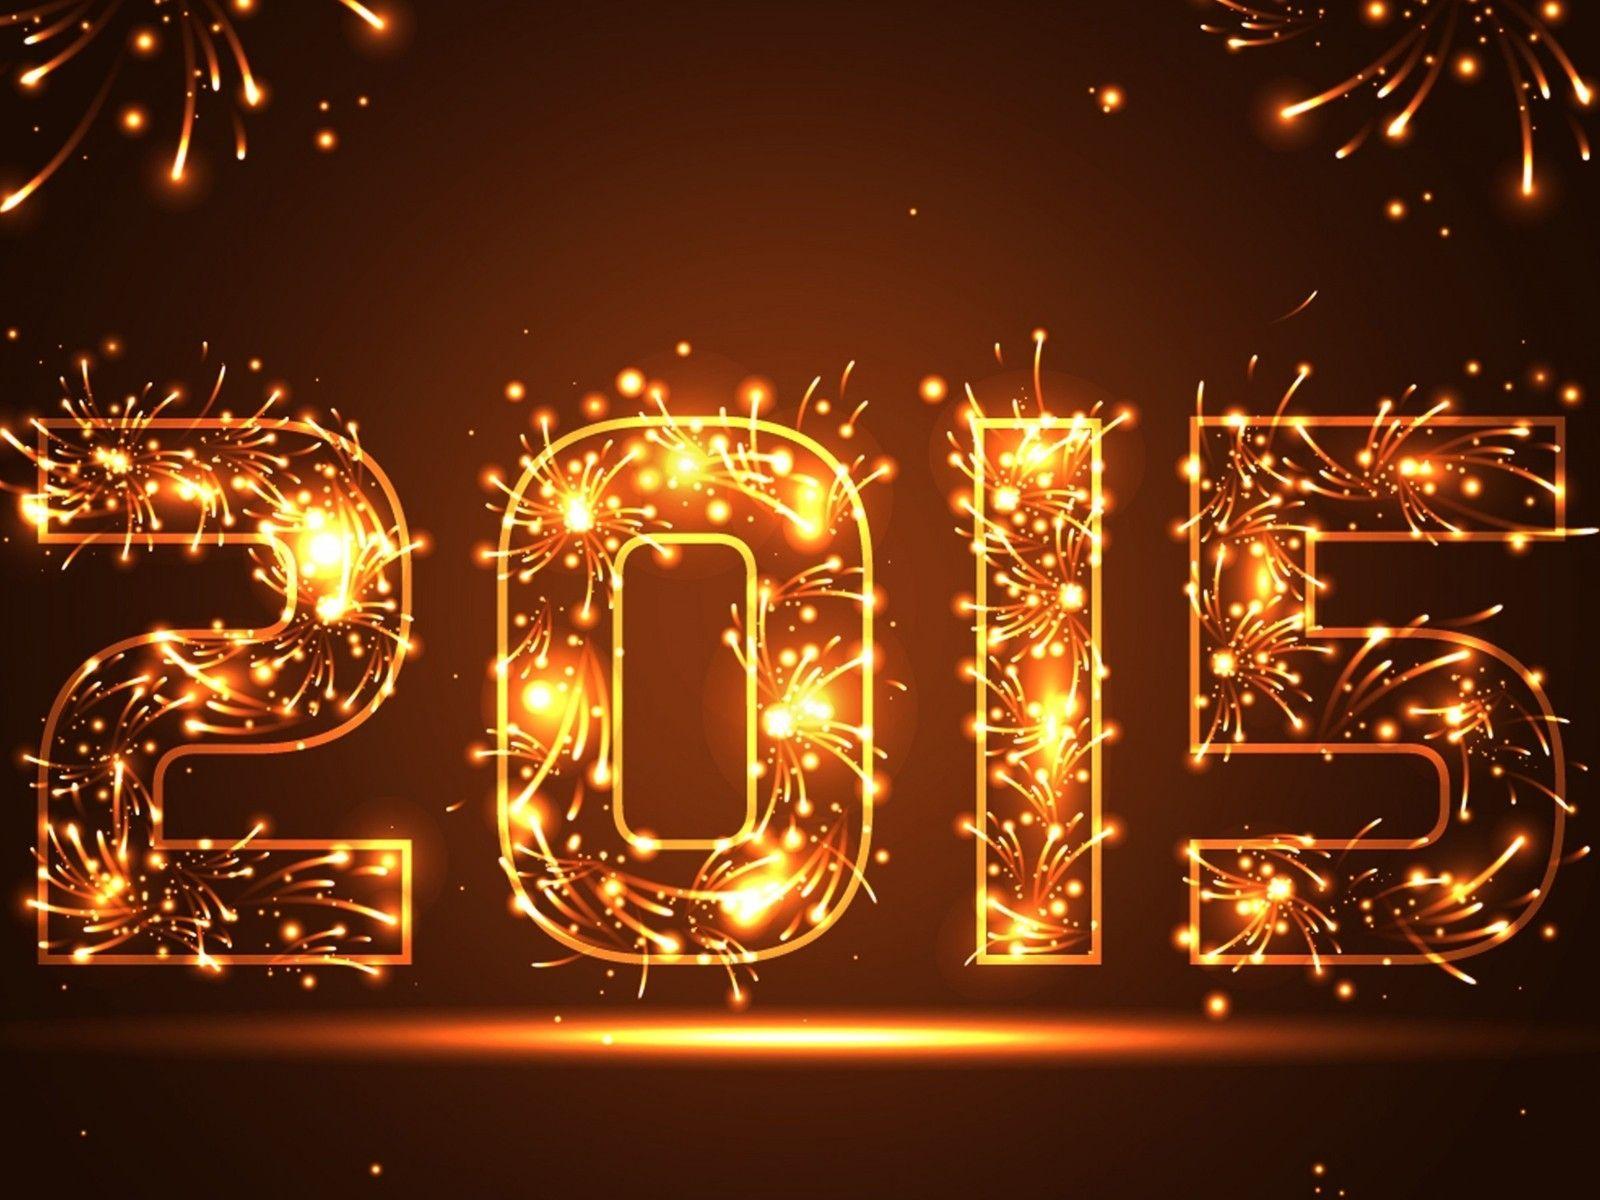 Feliz Año Nuevo 2015 Happy New Year. Wallpapers y Fondos